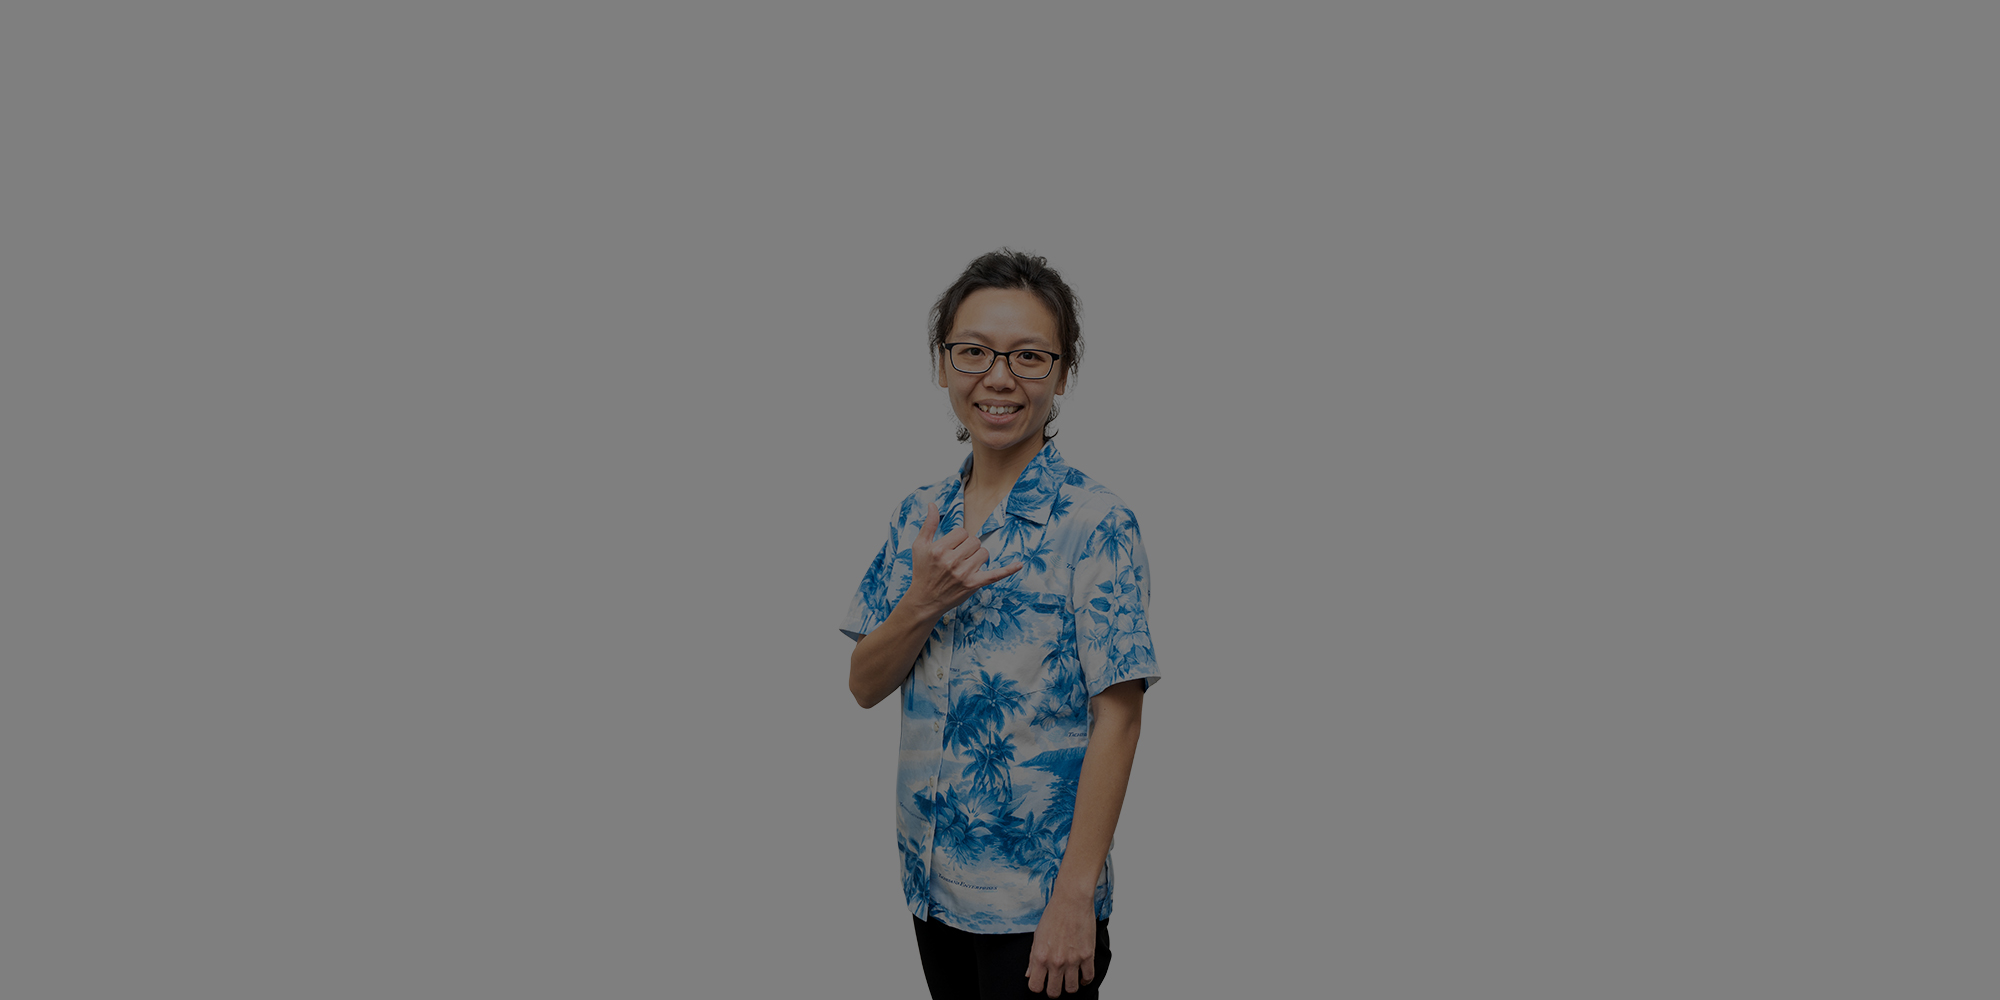 employee_hanfiar_2000x1000